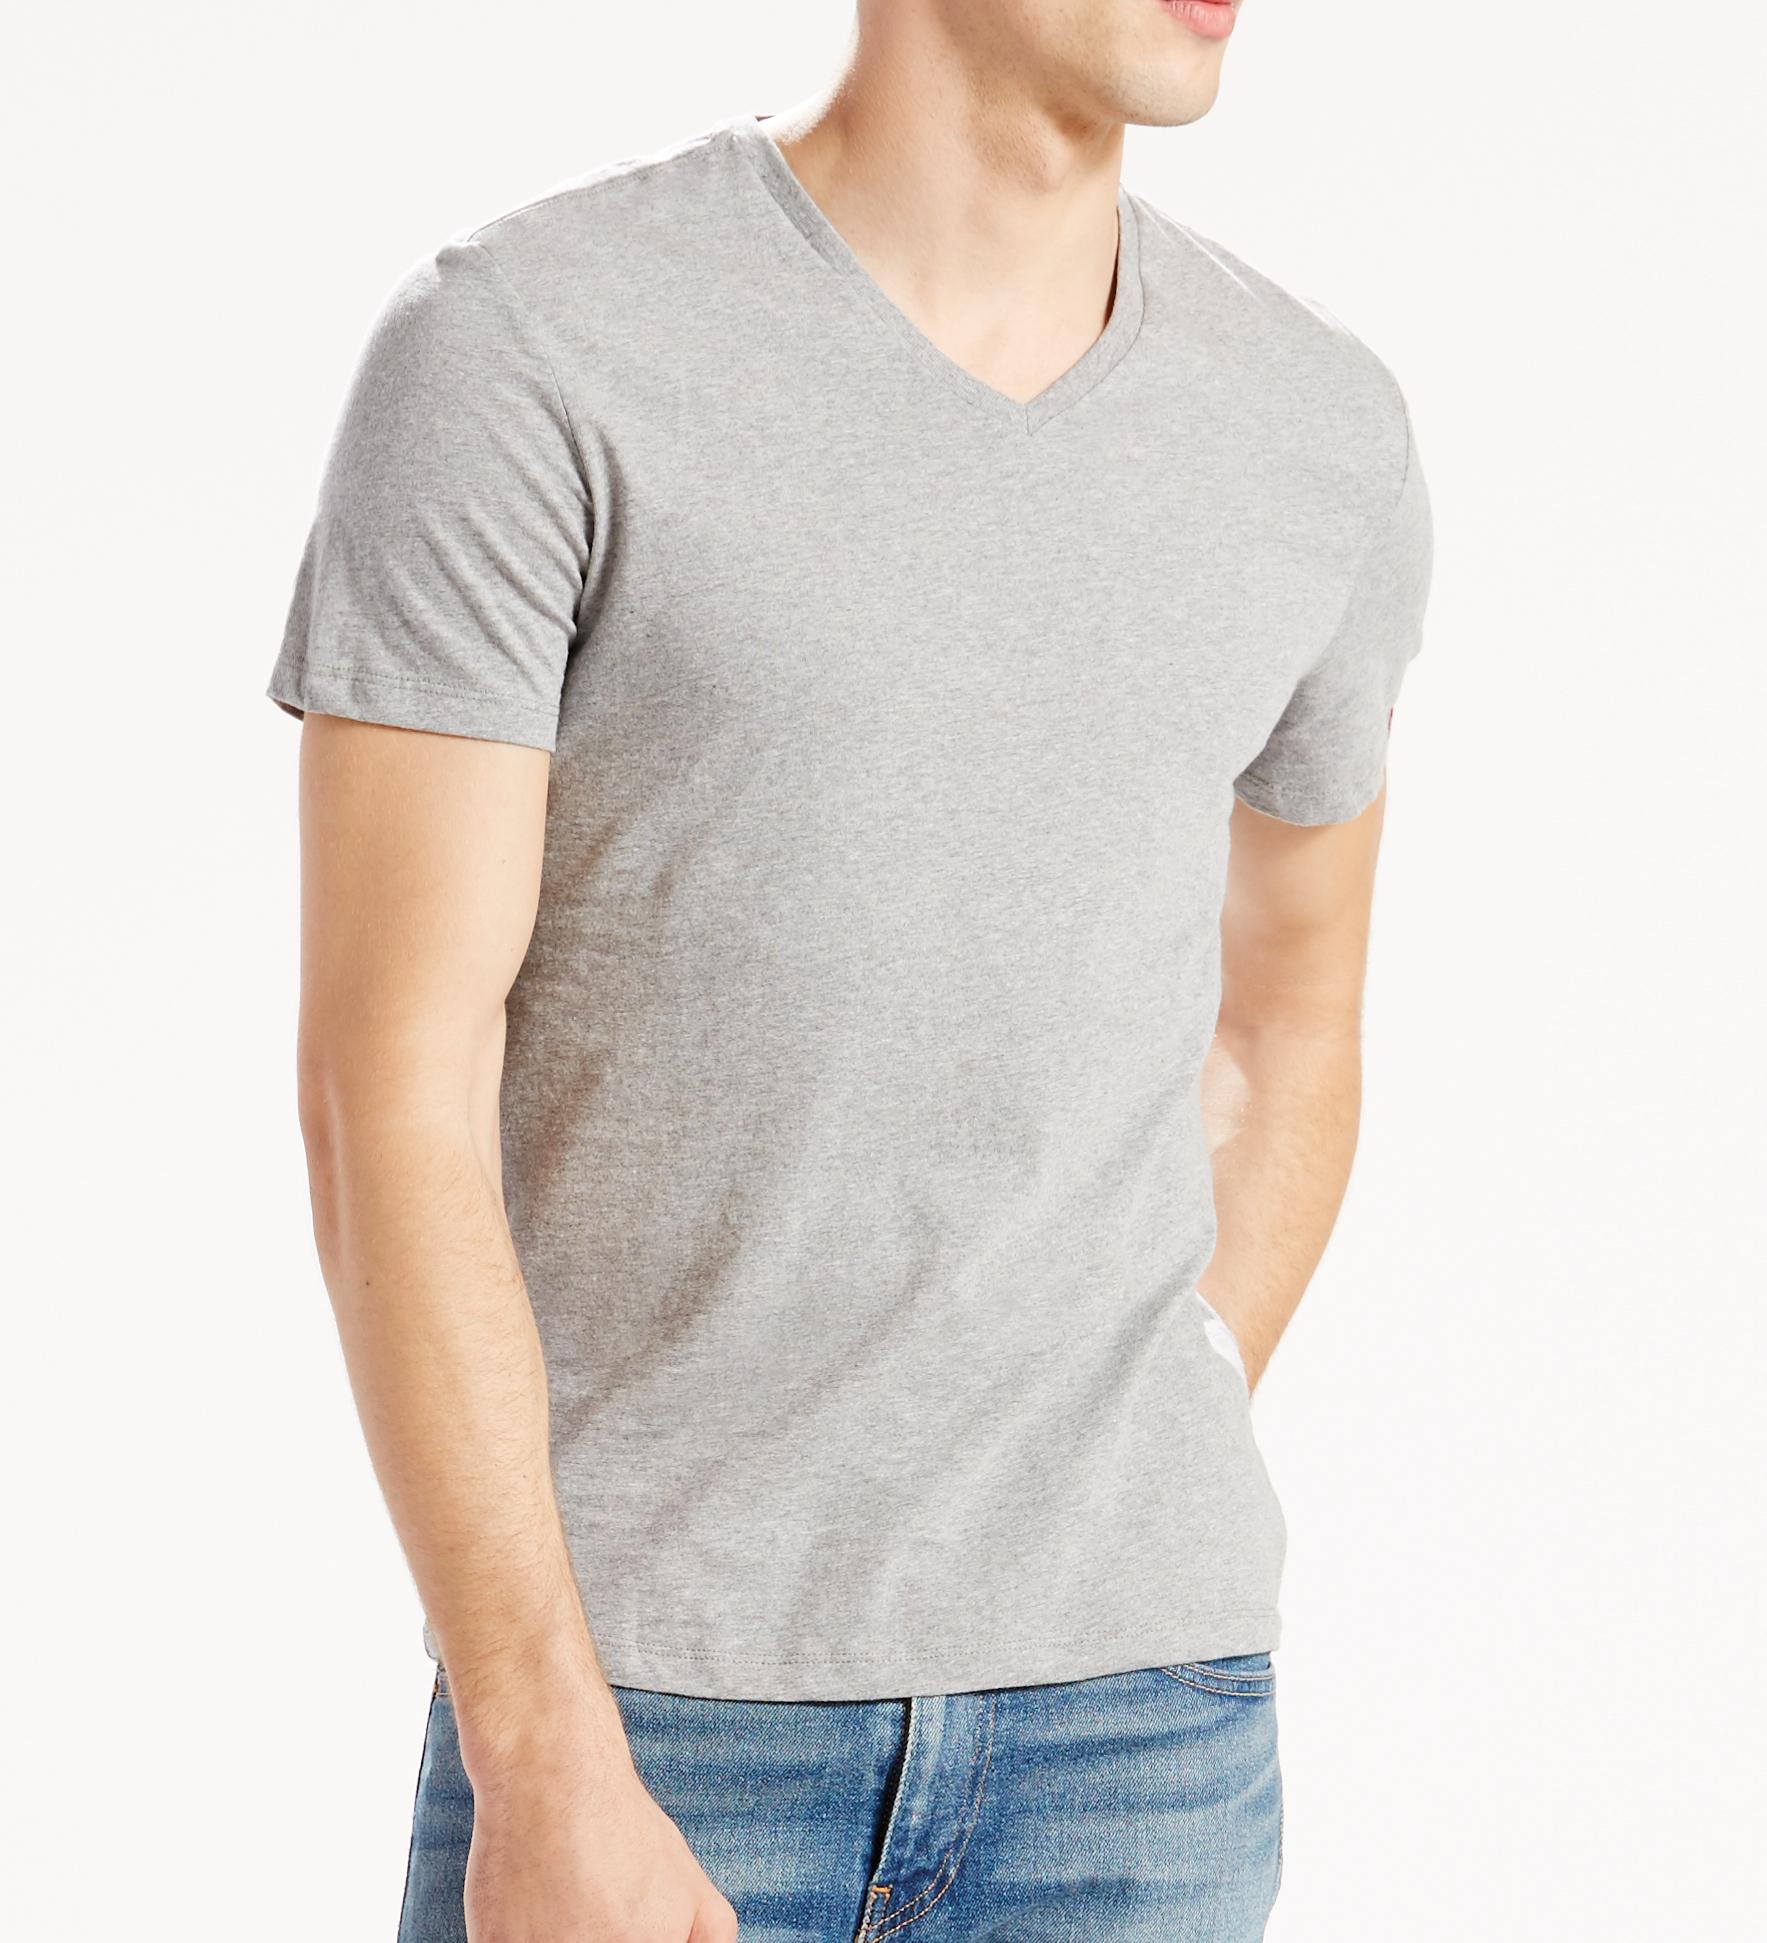 LEVIS 2er Pack Shirts V-Ausschnitt T-Shirt 82983-0006 W18-LVT1